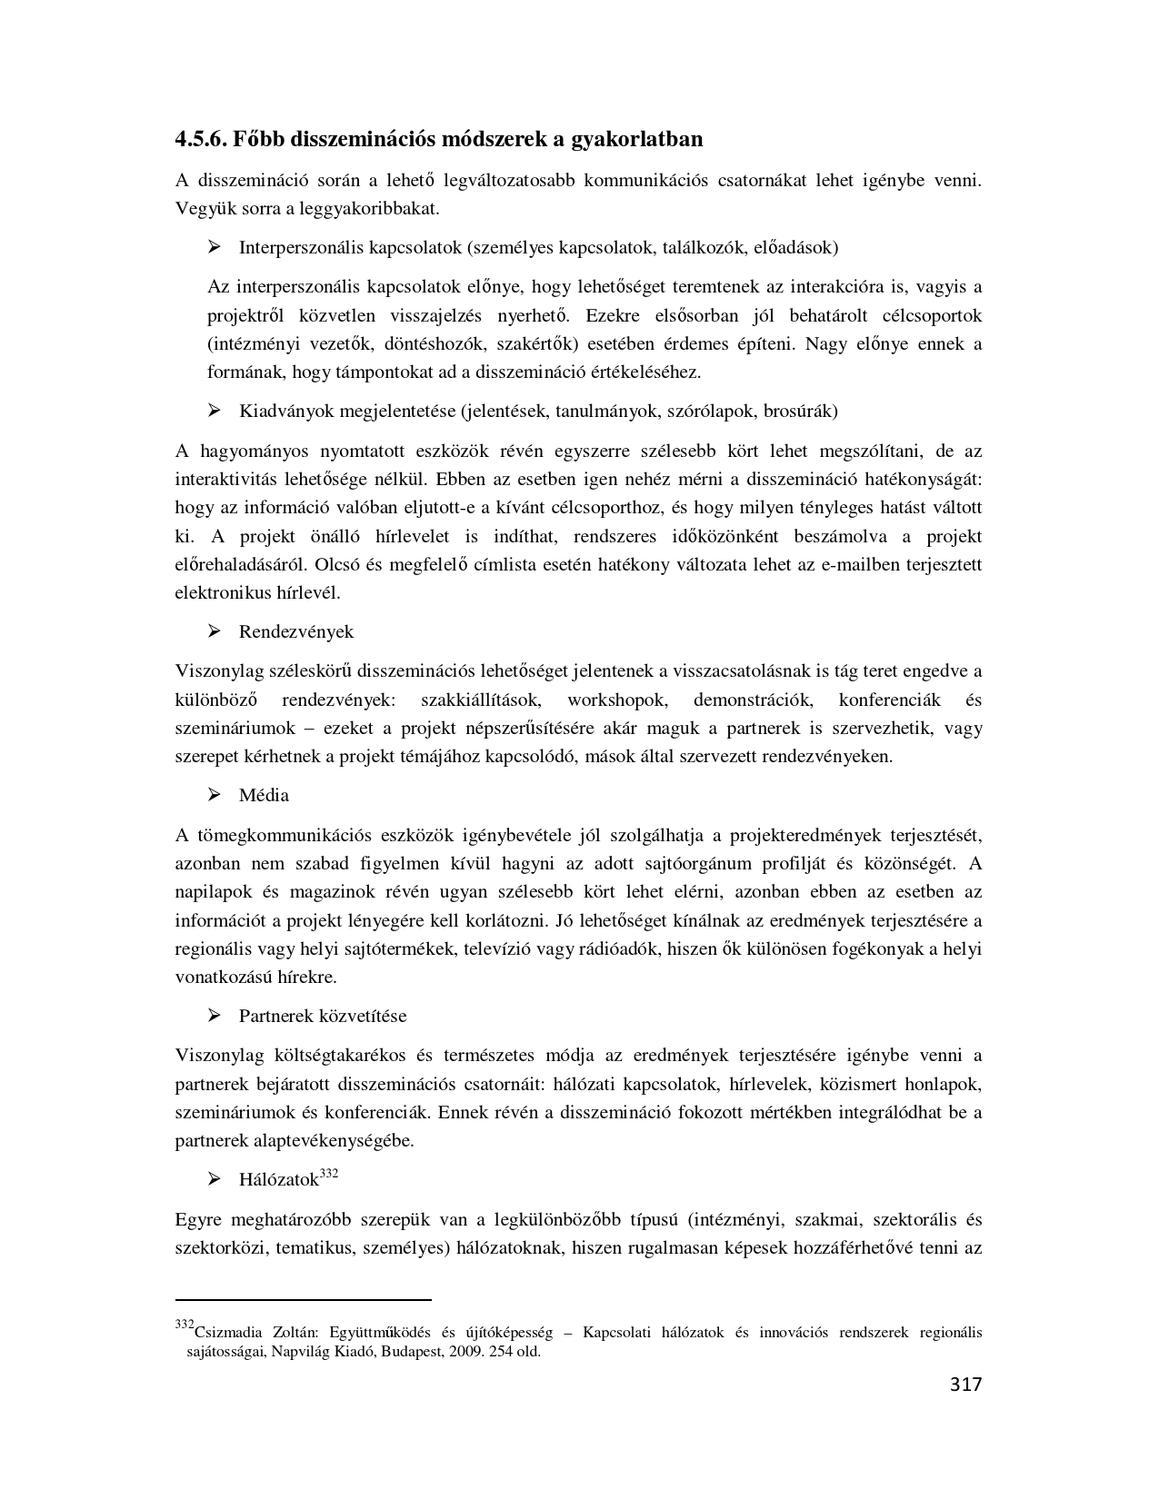 Koronavírus: új honlap indult a munkalehetőségek összegyűjtésére